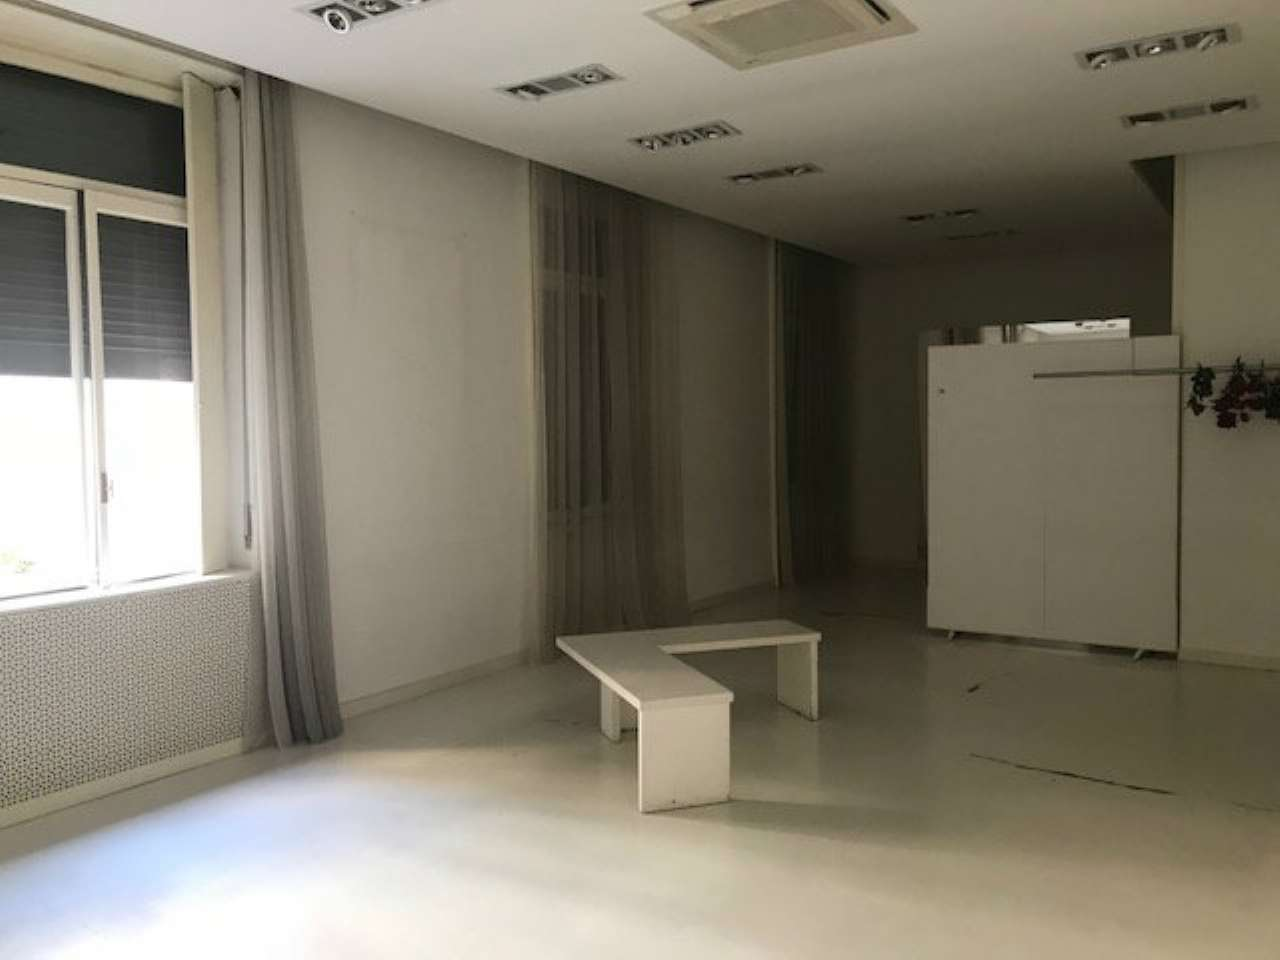 Ufficio-studio in Affitto a Milano 01 Centro storico (Cerchia dei Navigli): 160 mq